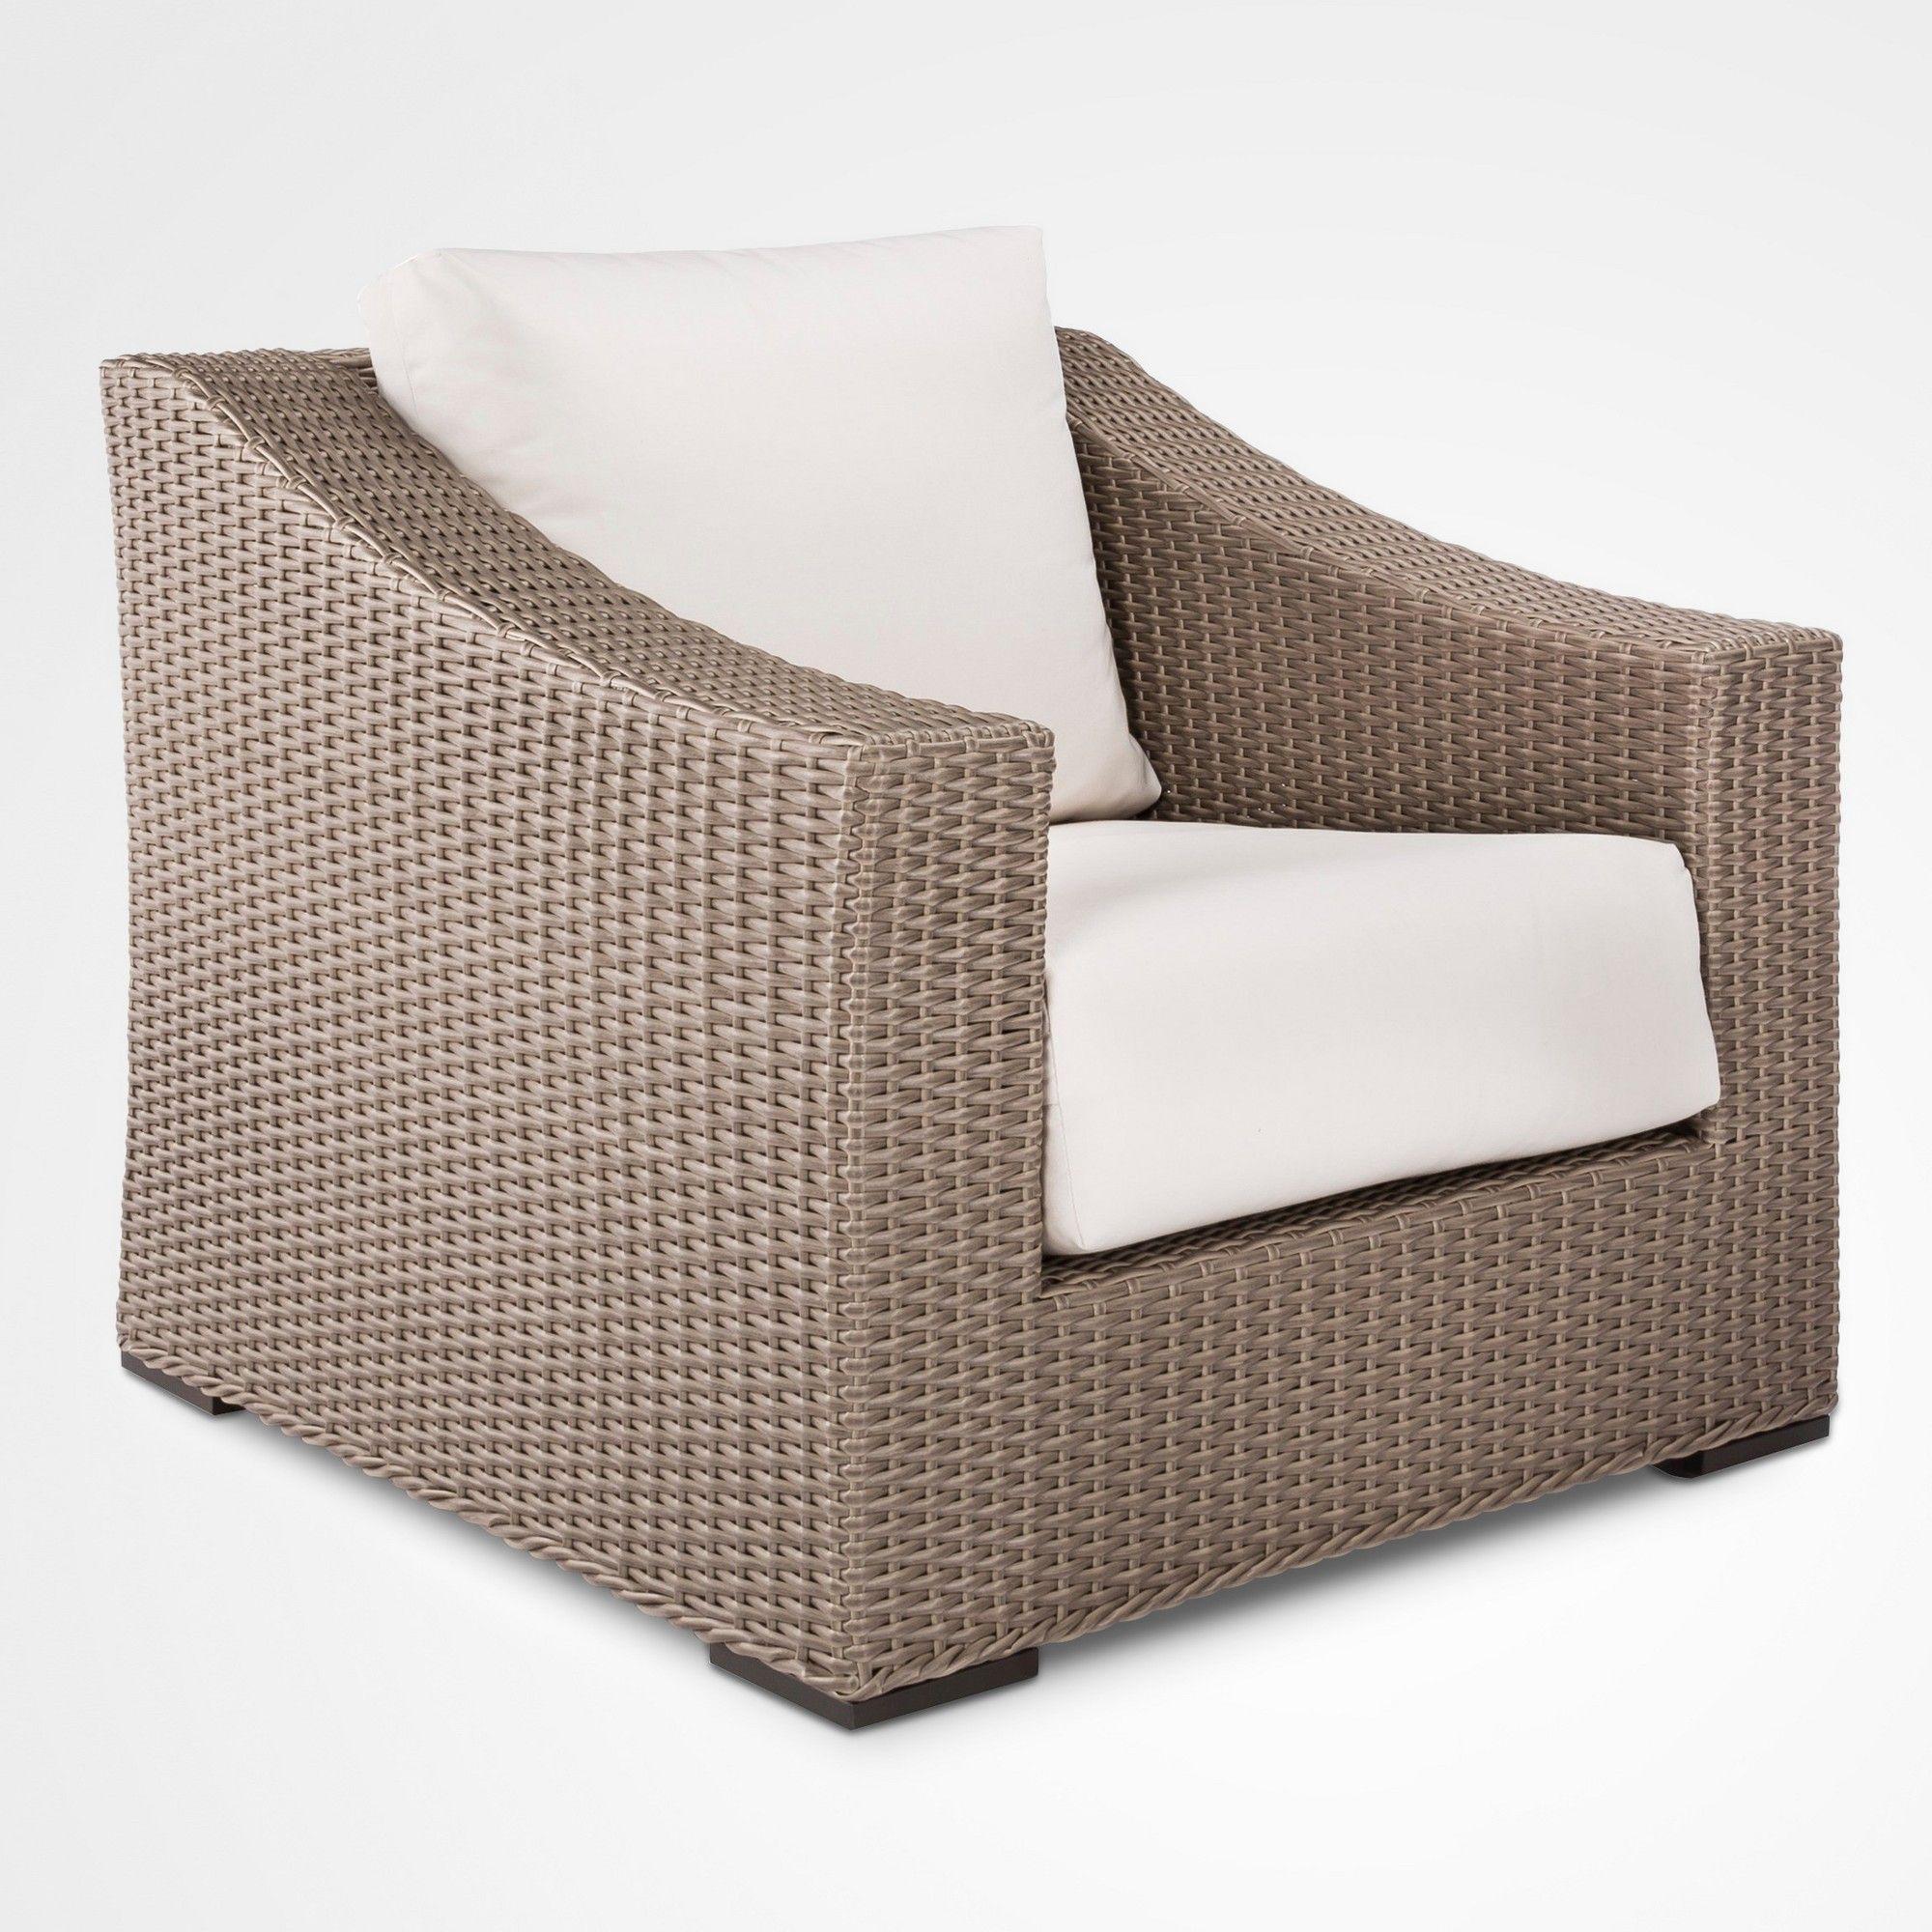 Premium Edgewood Wicker Patio Club Chair Gray Smith